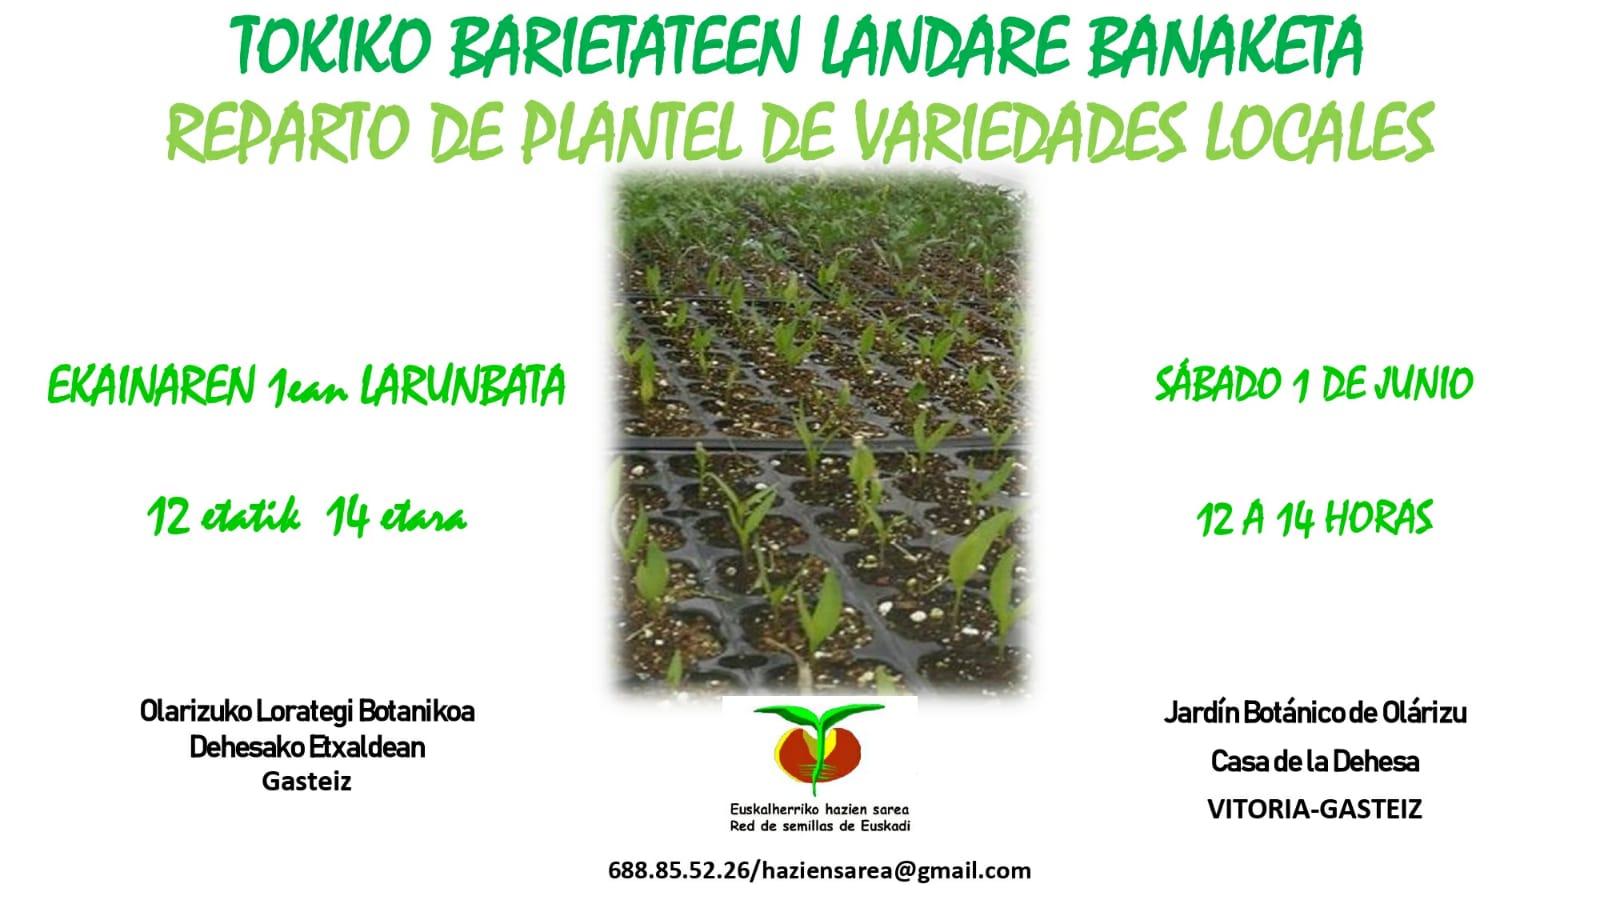 Reparto Planteles variedades locales